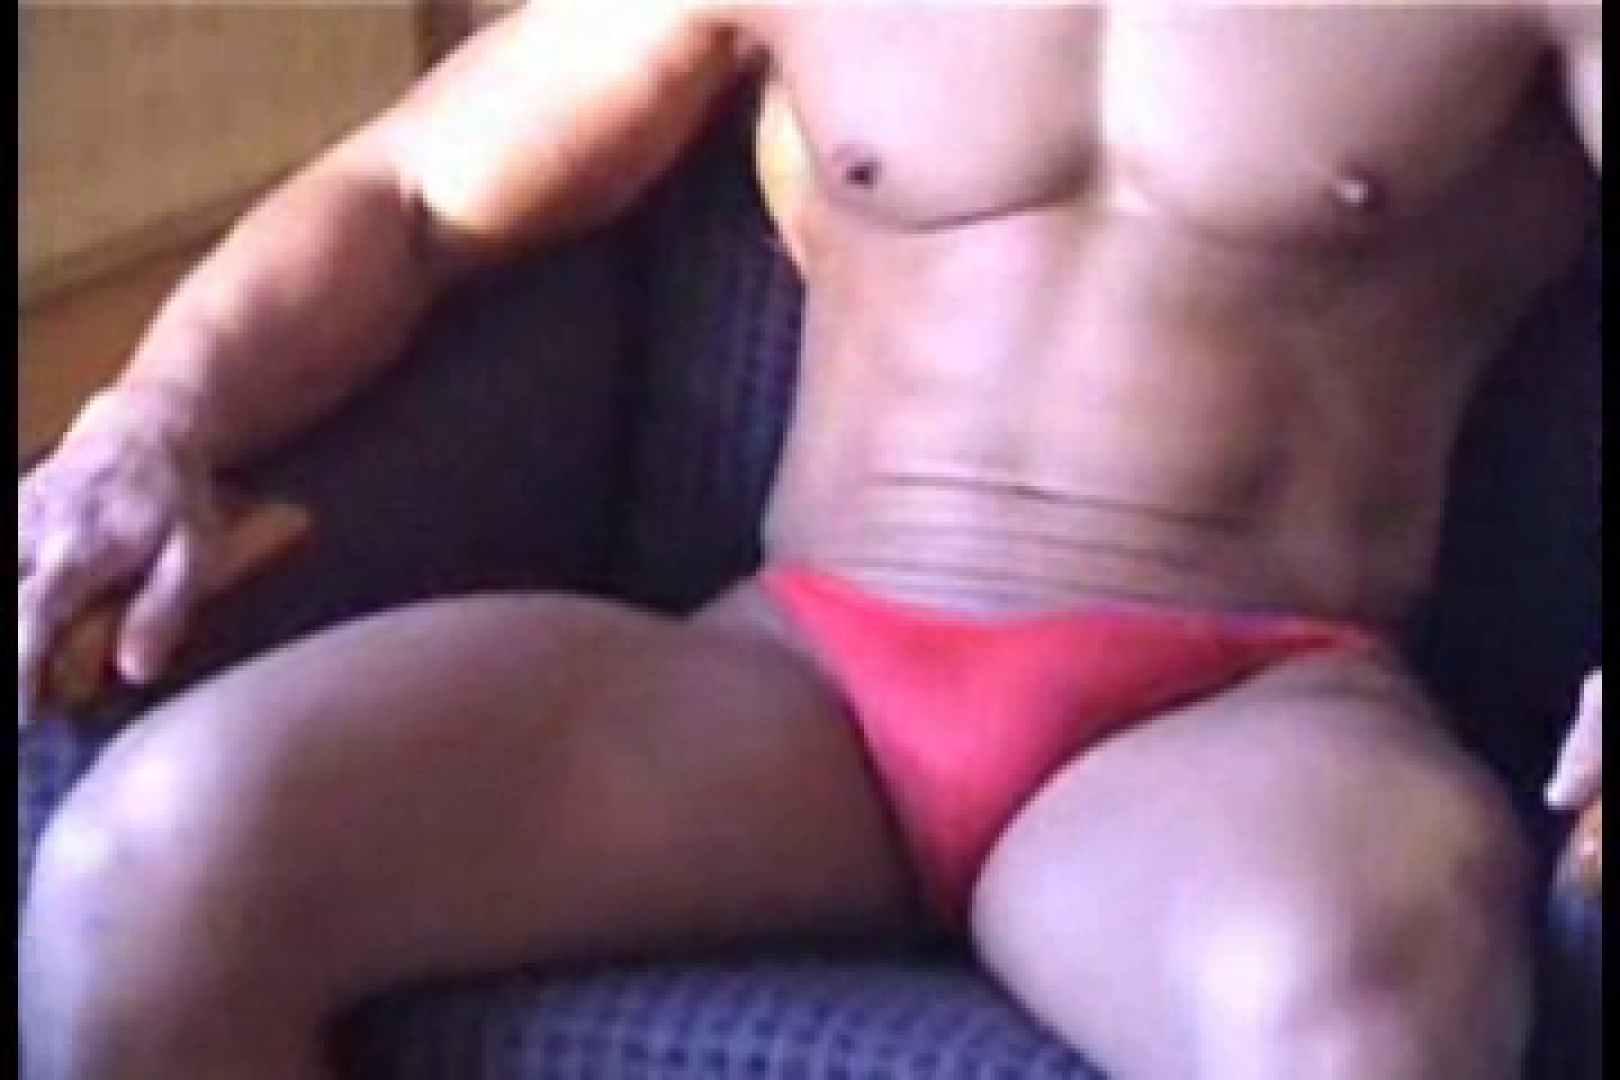 性器の味方ムキムキ覆面マッチョマン 肉 ゲイSEX画像 106画像 68